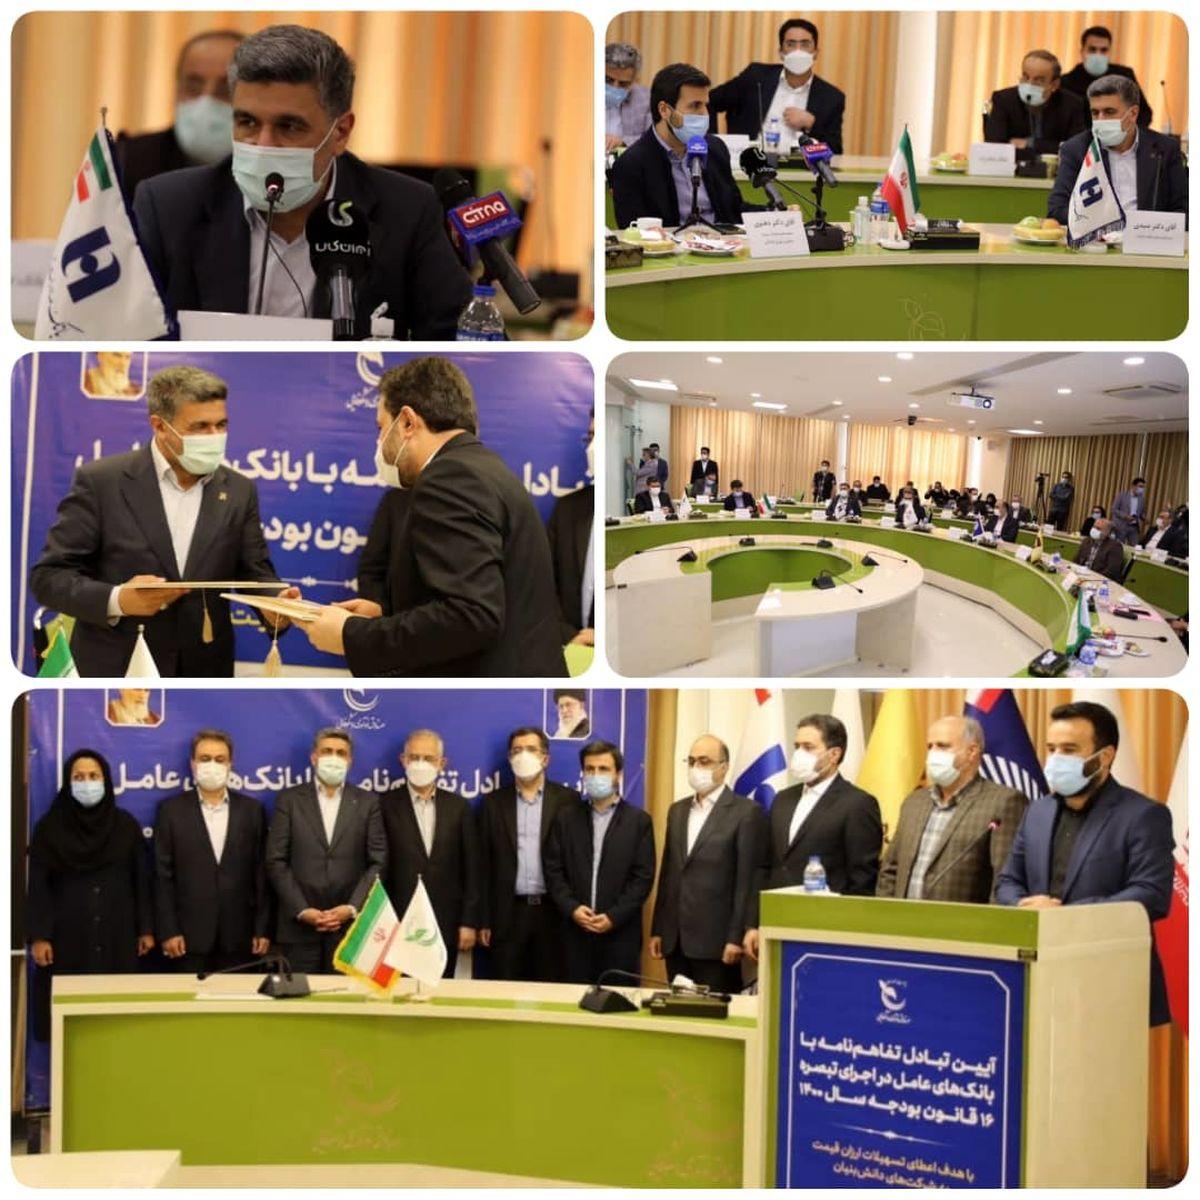 تخصیص ۹ هزار میلیارد ریال تسهیلات به دانشبنیانها توسط بانک صادرات ایران